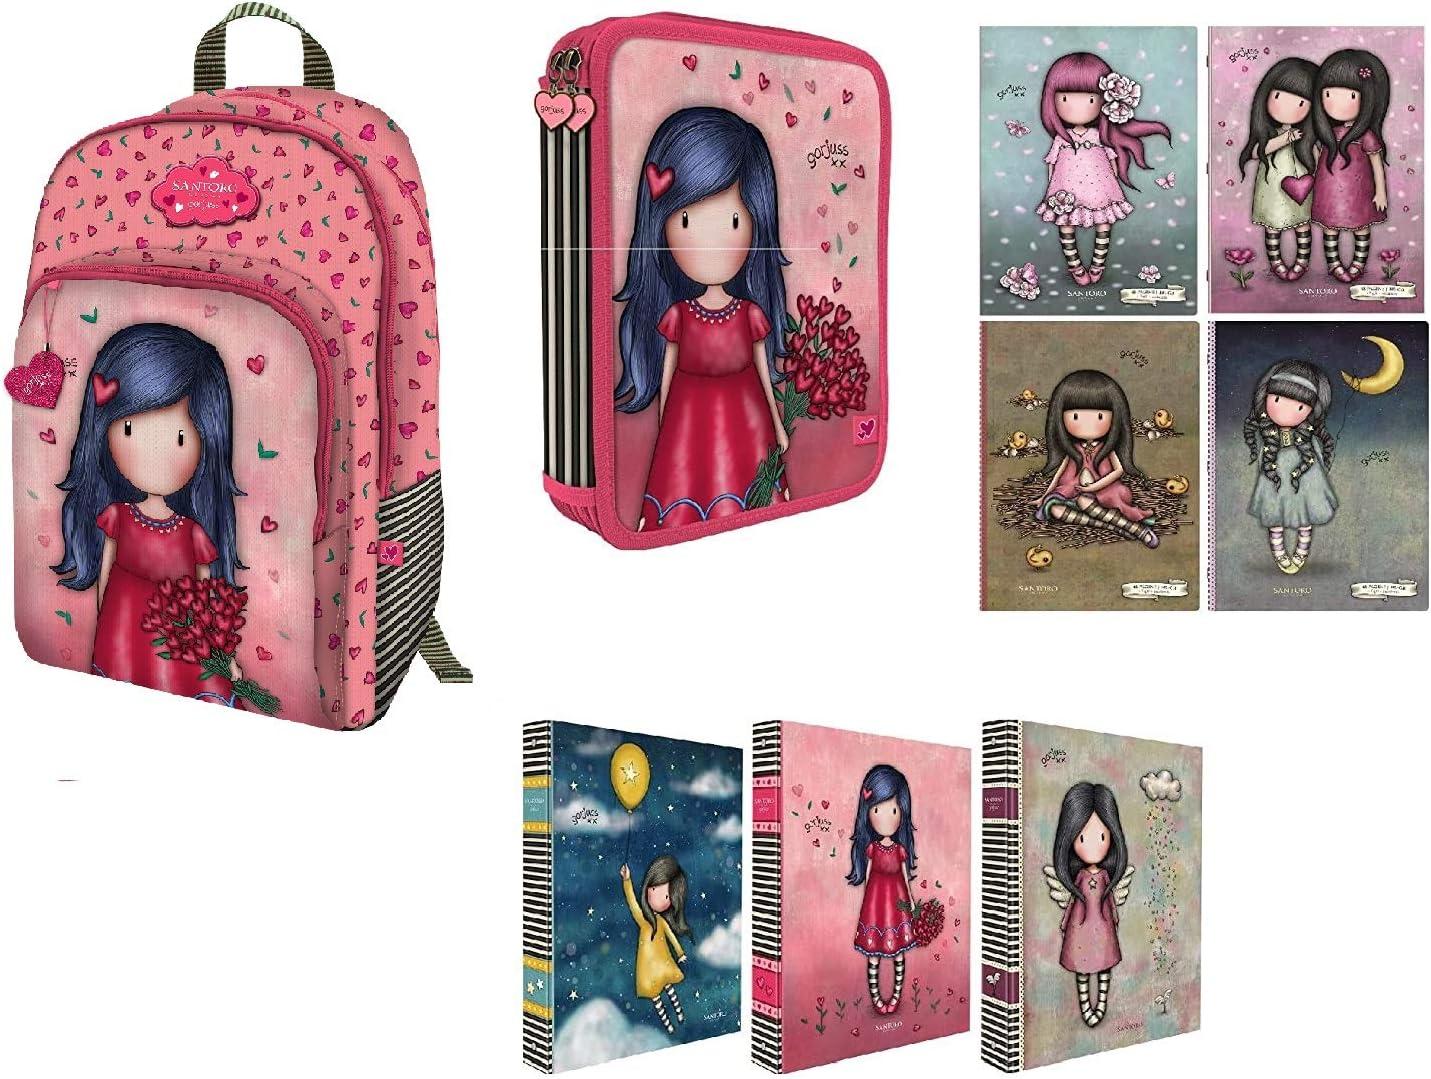 Set escolar mochila 3 cremalleras + estuche 3 cremalleras + diario + 4 cuadernos Maxi 100 g Love Grows compatible con Gorjuss y Santoro: Amazon.es: Equipaje